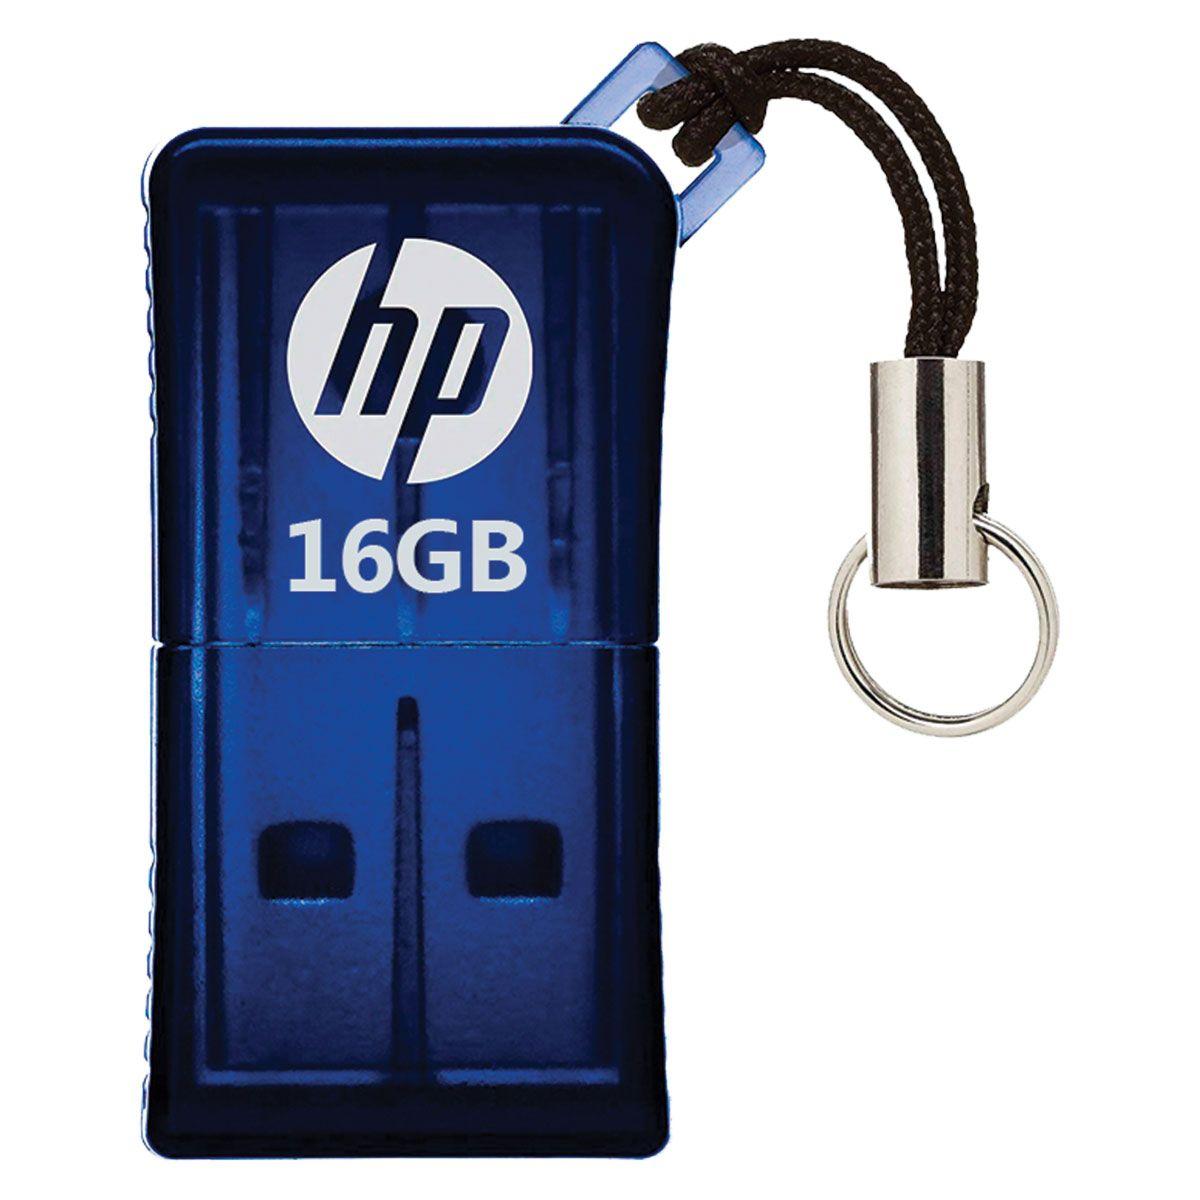 PEN DRIVE MINI HP USB 2.0 V165W 16GB HPFD165W2-16